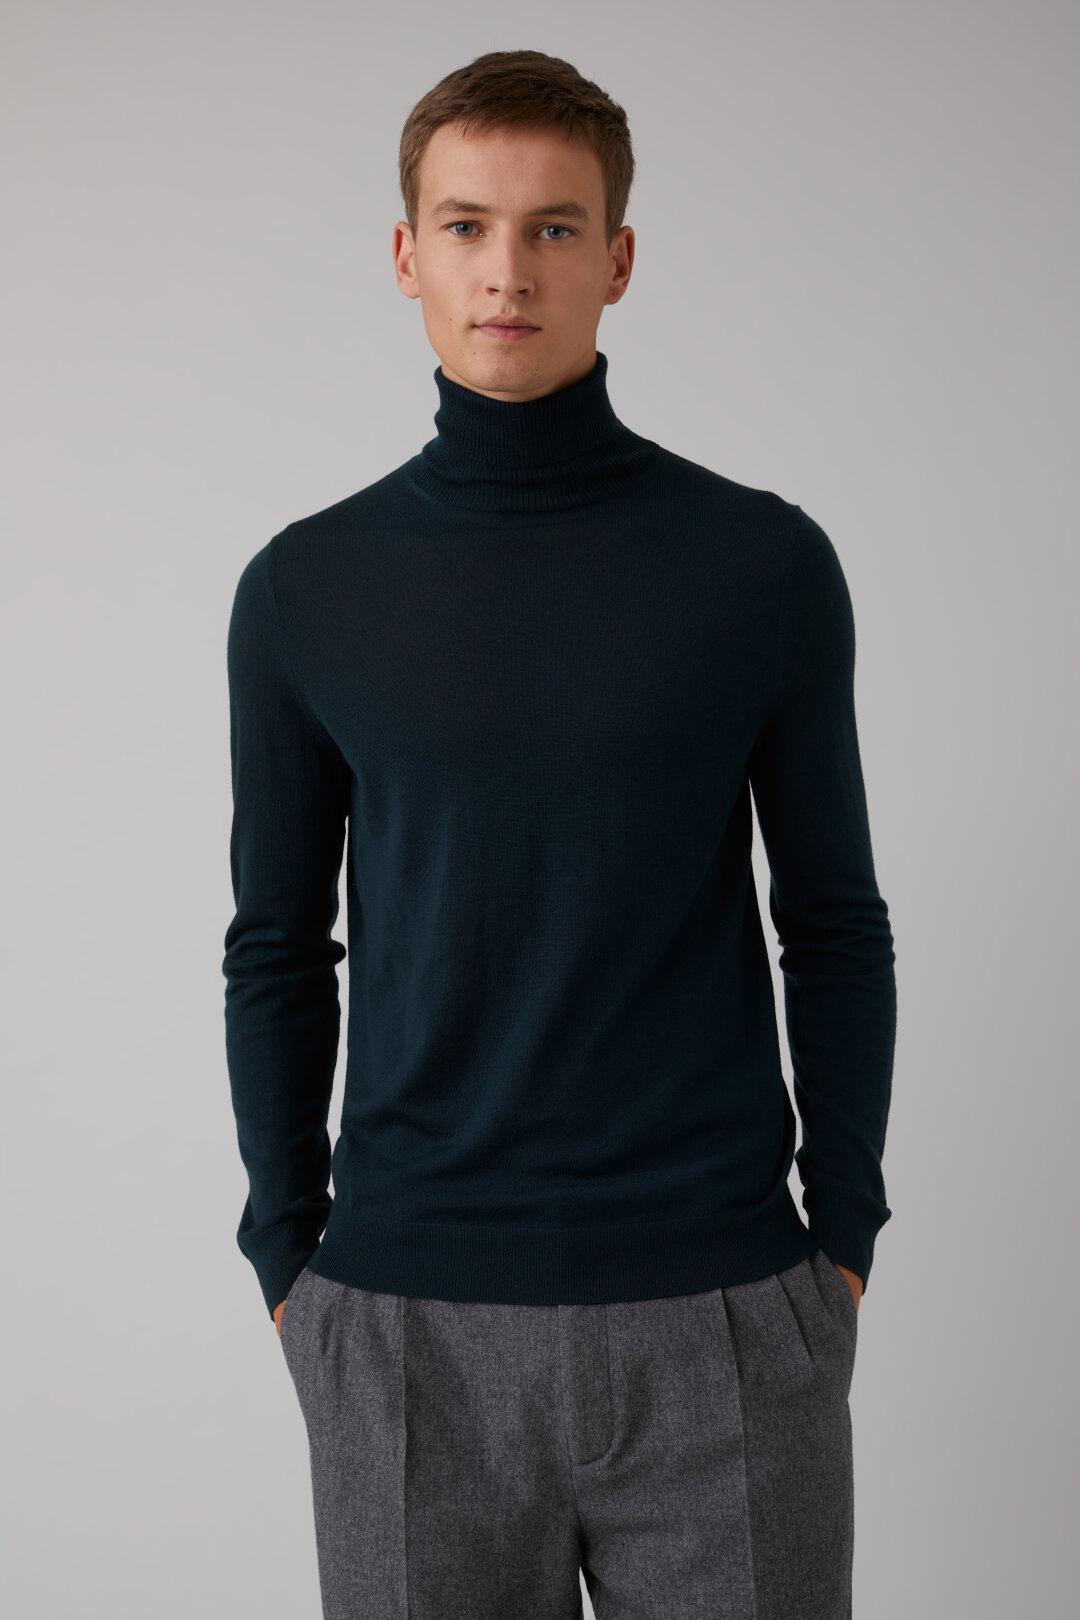 Pullover à col roulé en laine mérino